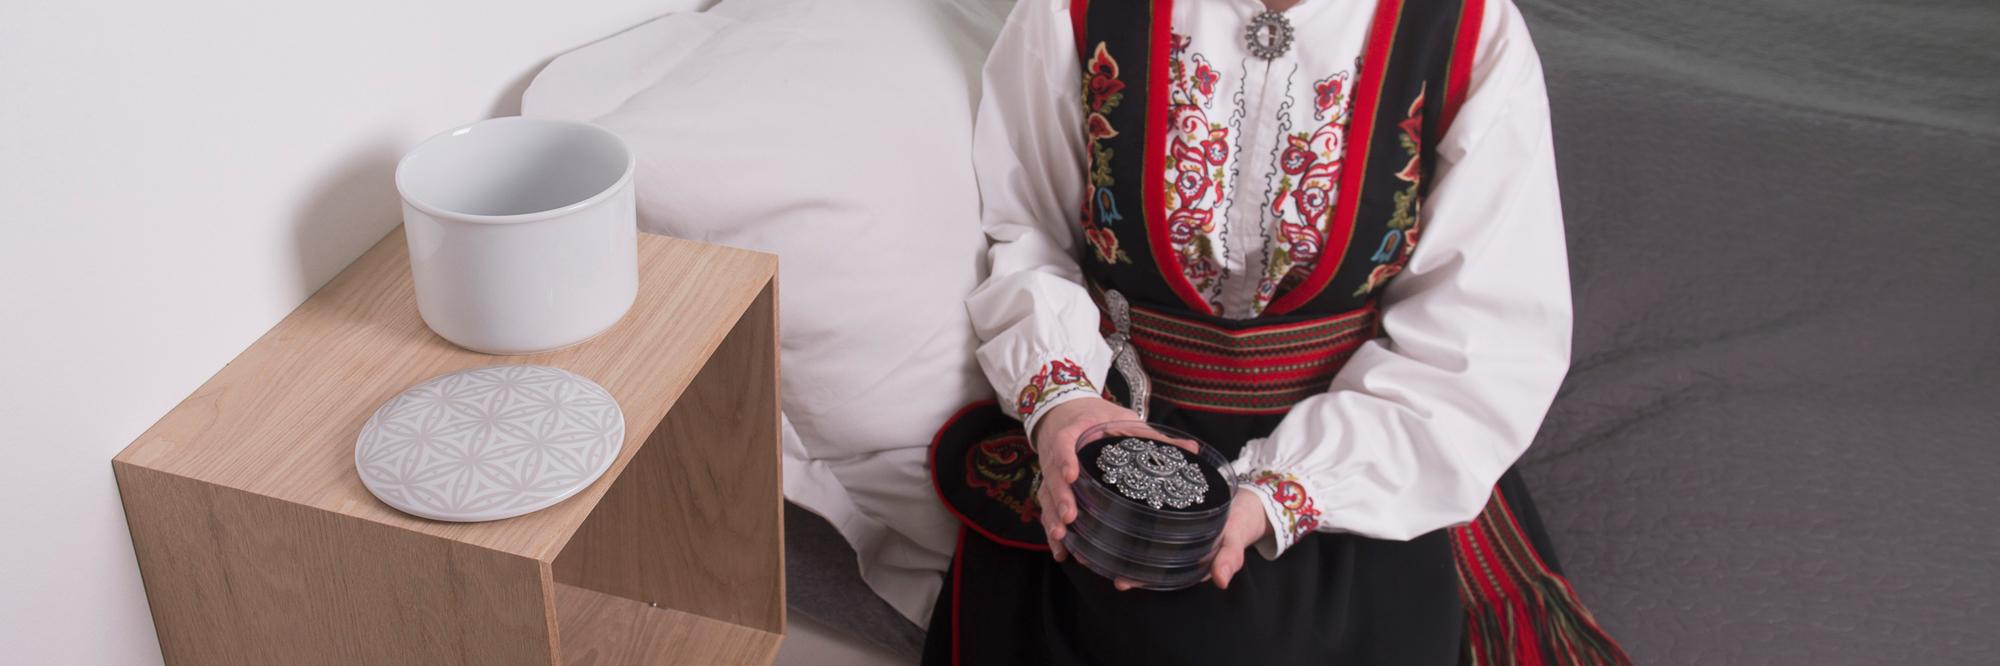 Telerosa smykkeskrin i porselen med indre lufttett skrin